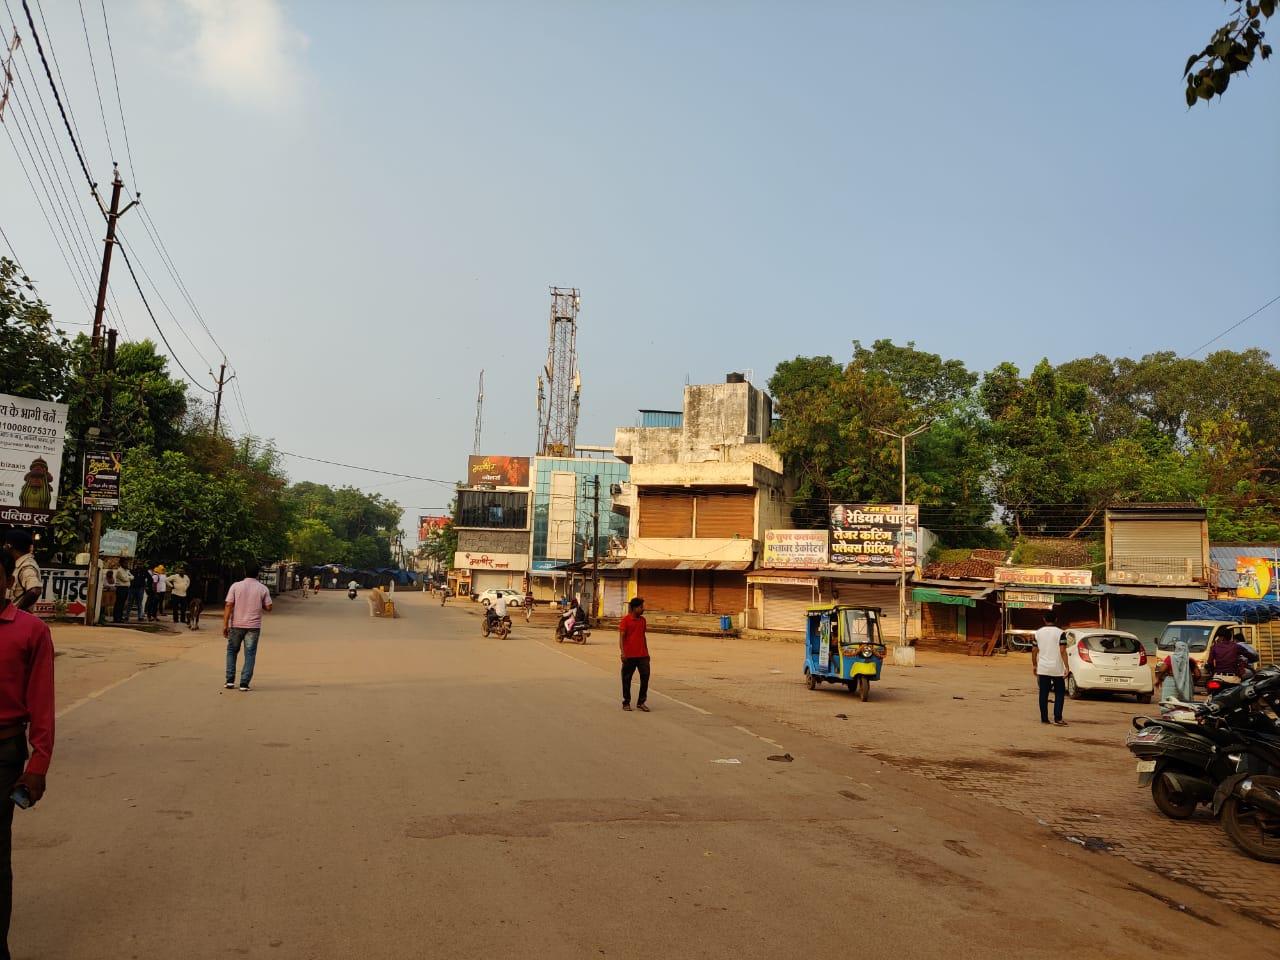 कवर्धा को लेकर विश्व हिंदू युवा मंच के विरोध-प्रदर्शन से पहले पुलिस ने बंद कराया बाजार, जिले से मंगाया फोर्स भिलाई,Bhilai - Dainik Bhaskar